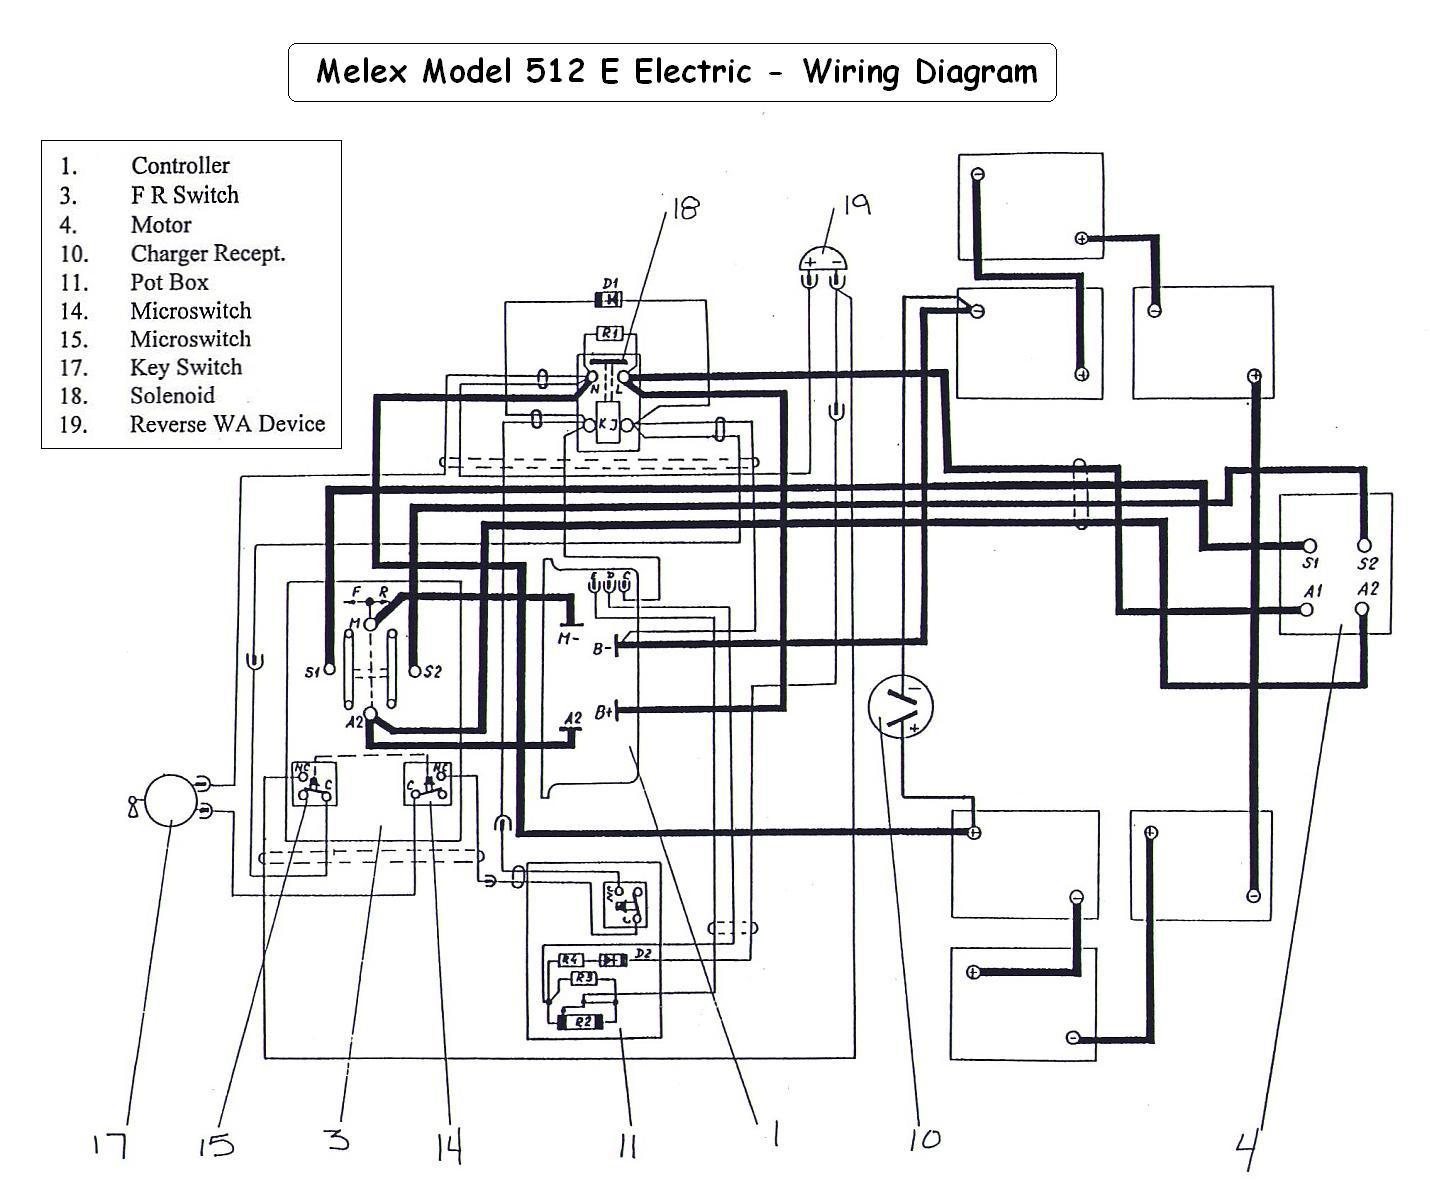 melex 512 wiring diagram